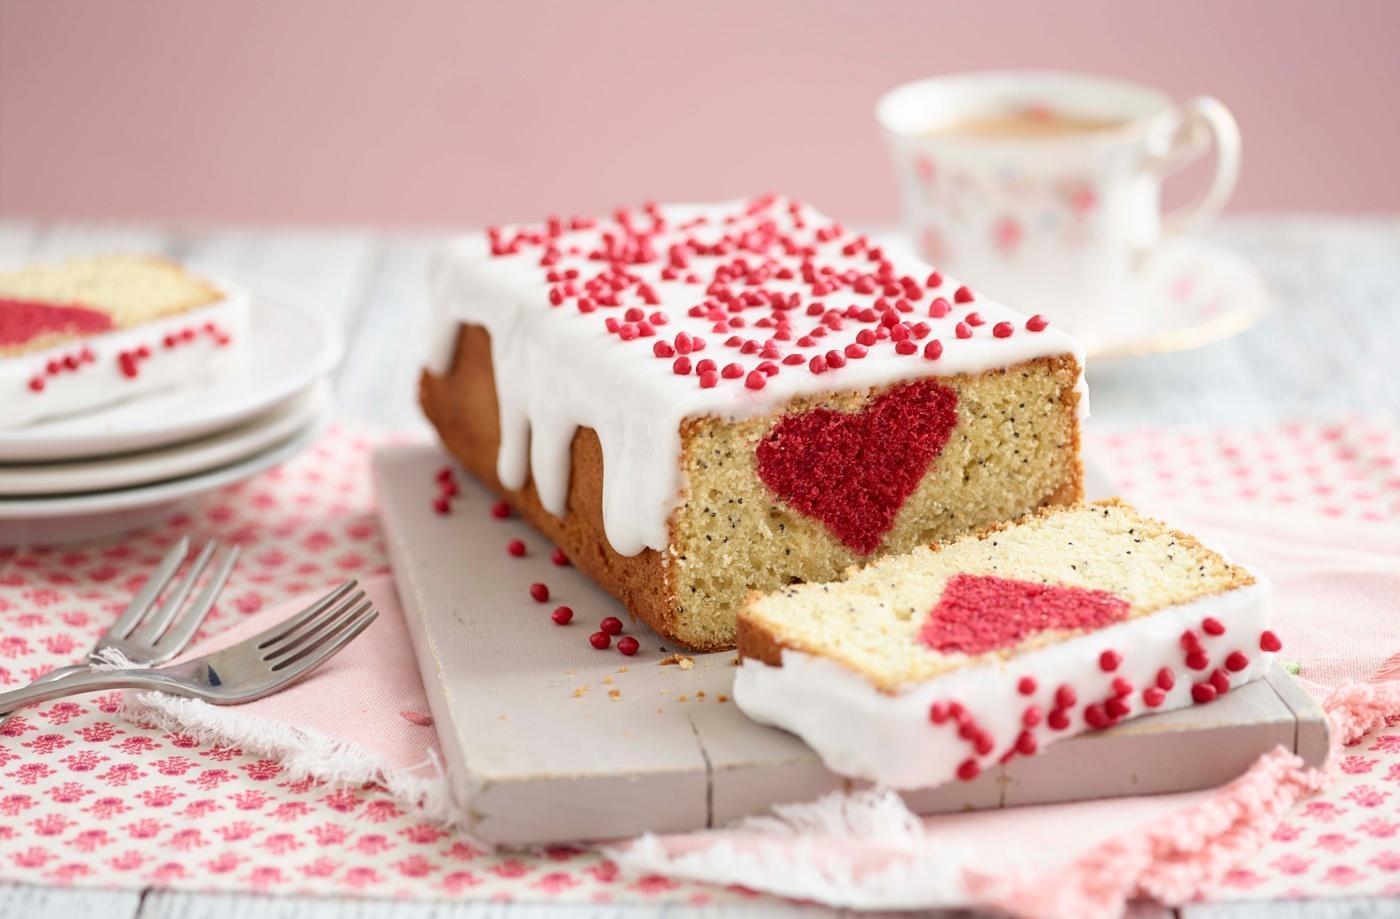 Decorazioni per torte e dolci: libero spazio alla creatività